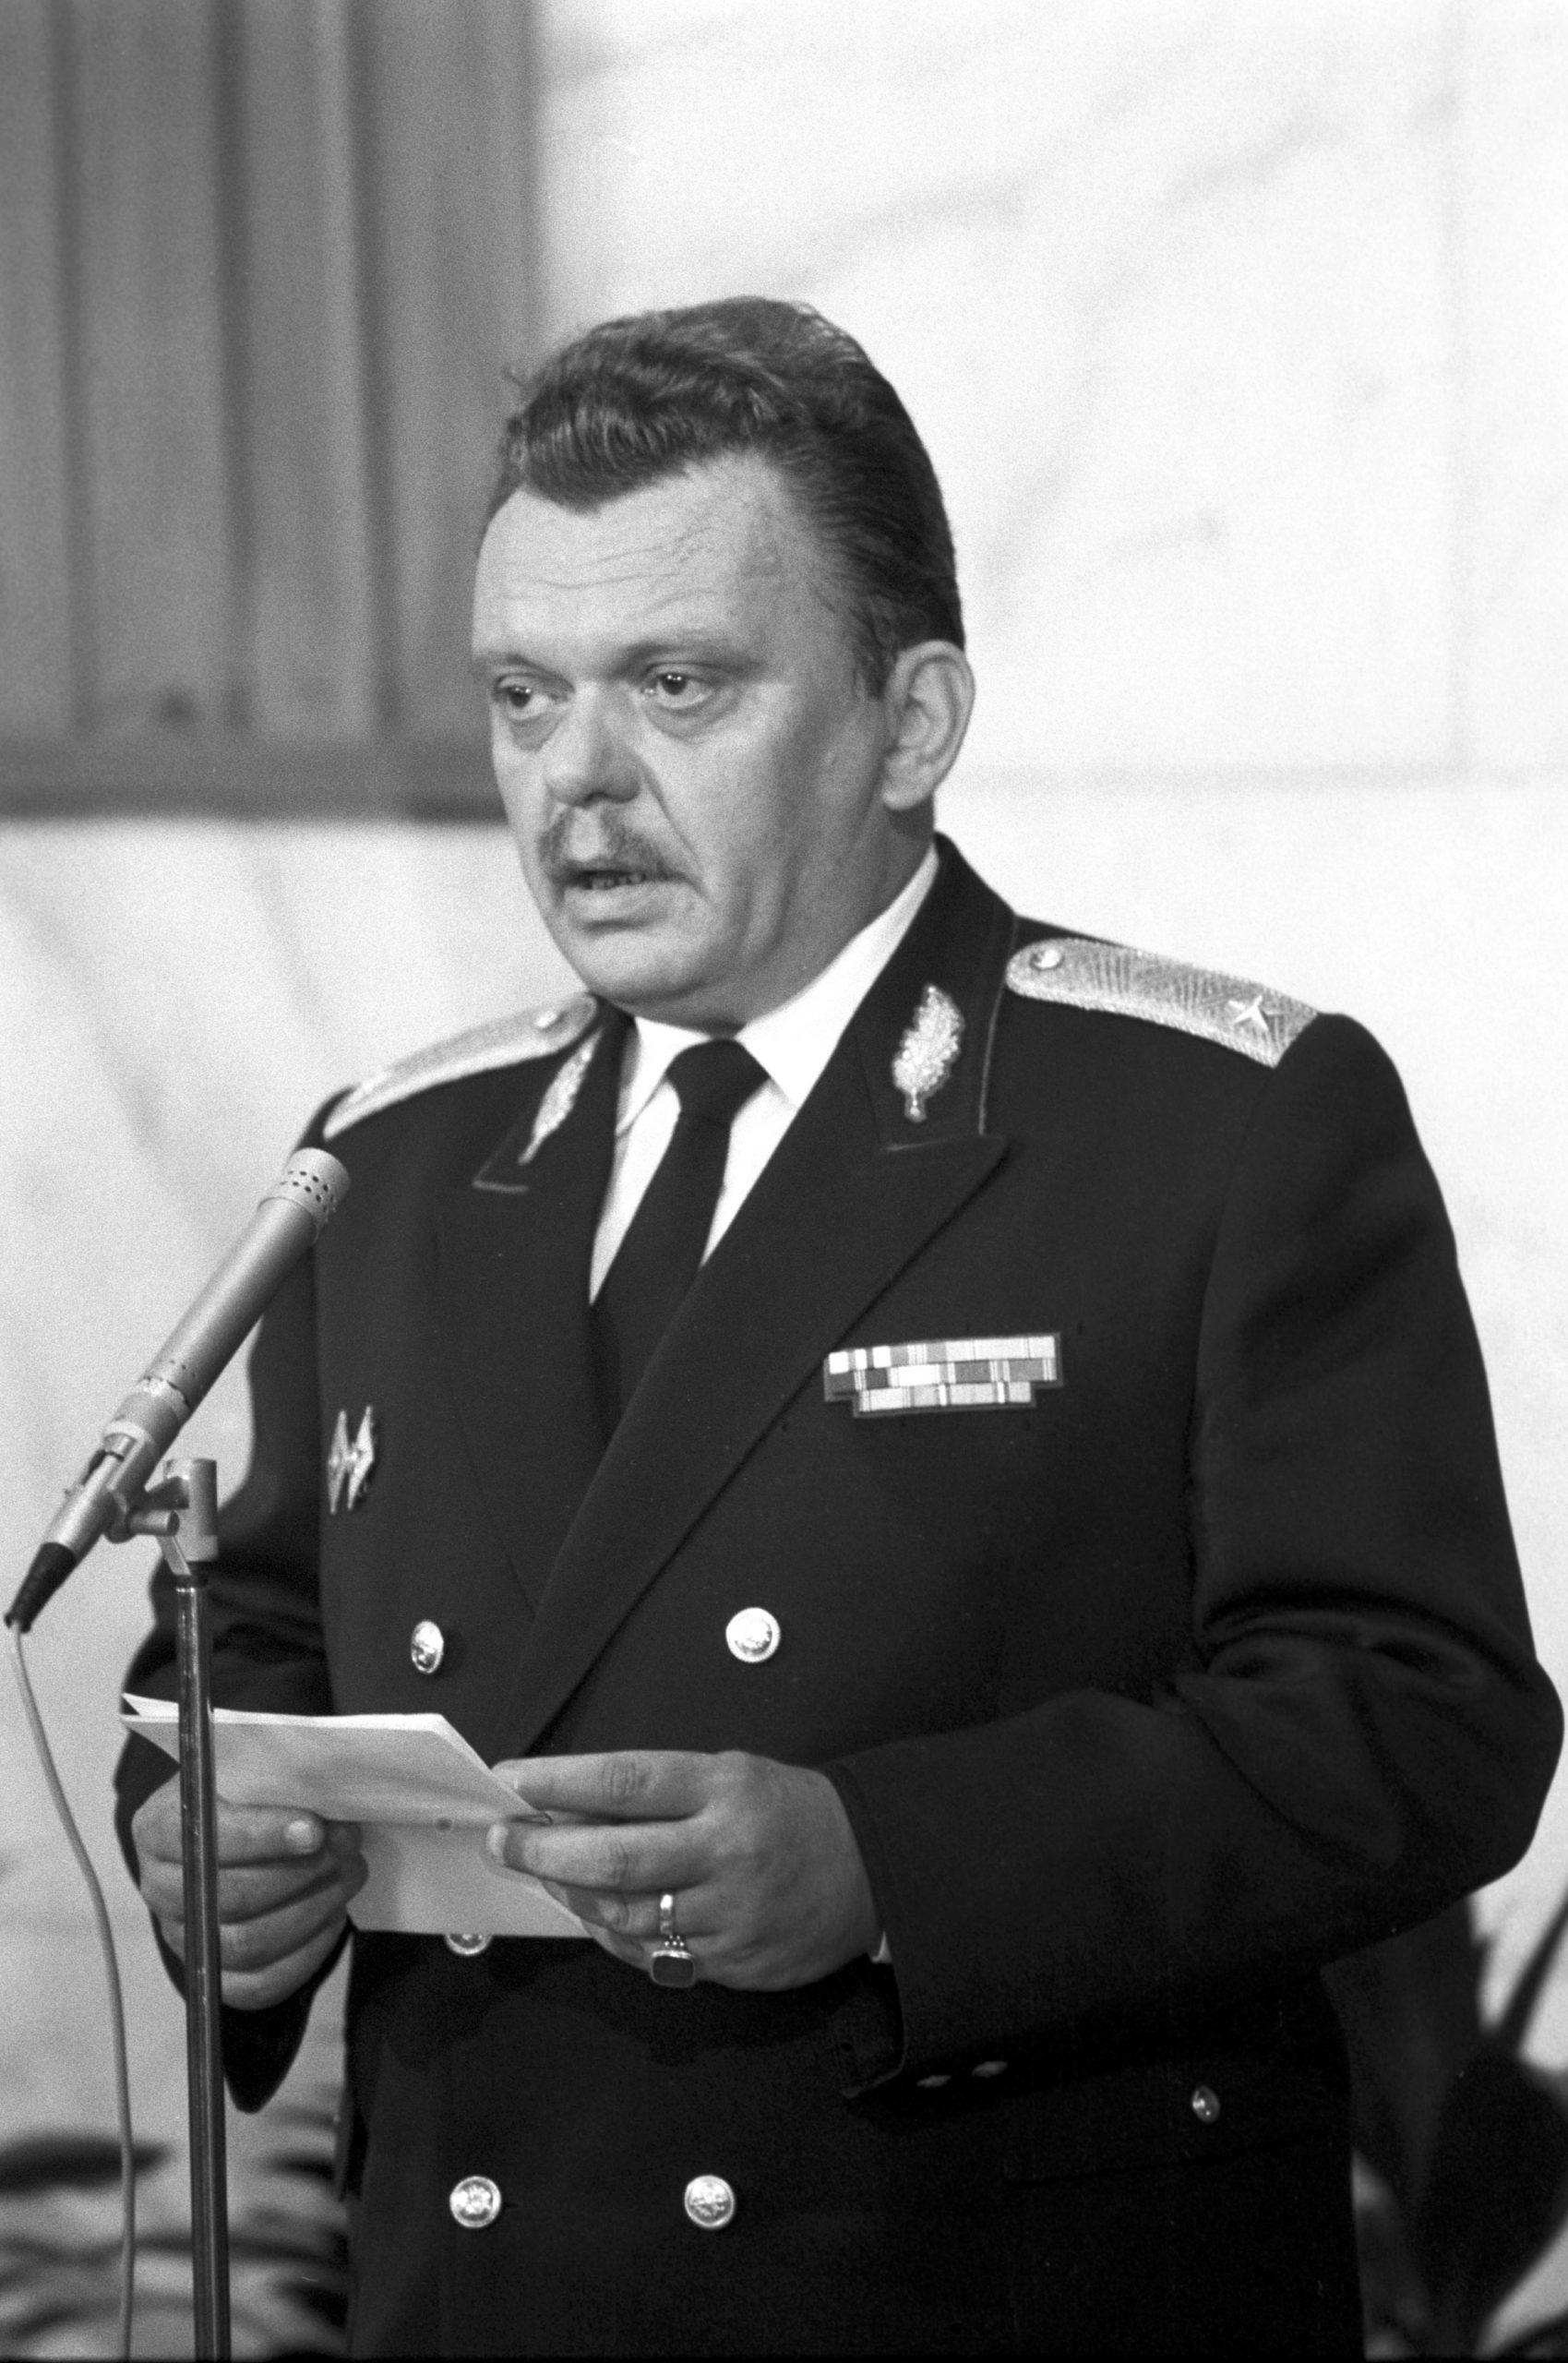 Az egyik főkolompos: Barna Sándor vezérõrnagy, a BRFK vezetője, akit Szegedről hoztak fel / Fotó: MTI